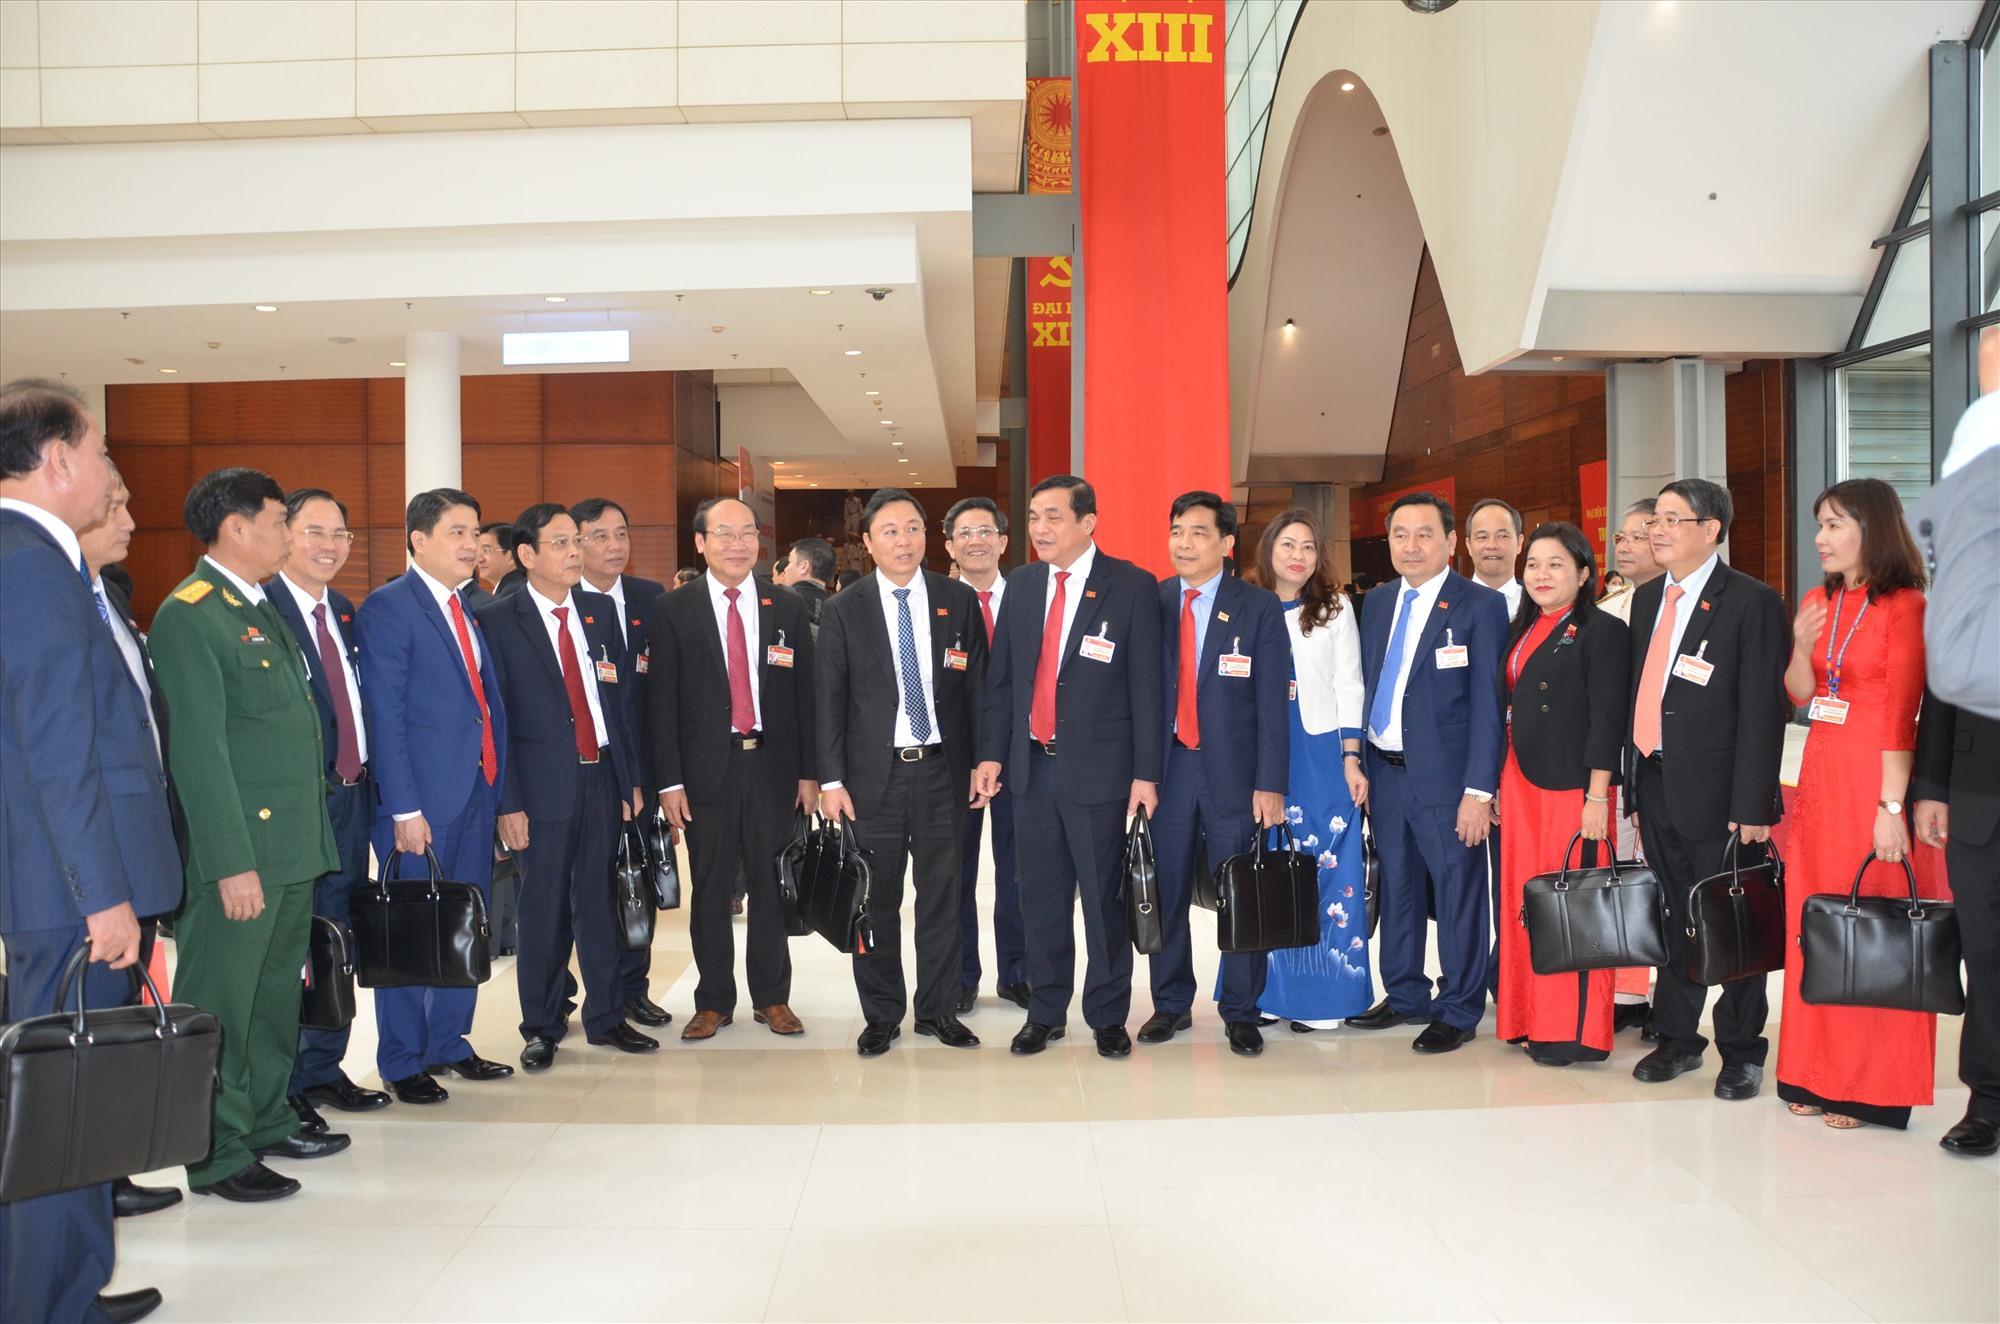 Đoàn Đại biểu Đảng bộ tỉnh Quảng Nam dự Đại hội XIII tại Trung tâm Hội nghị quốc gia. Ảnh: H.P